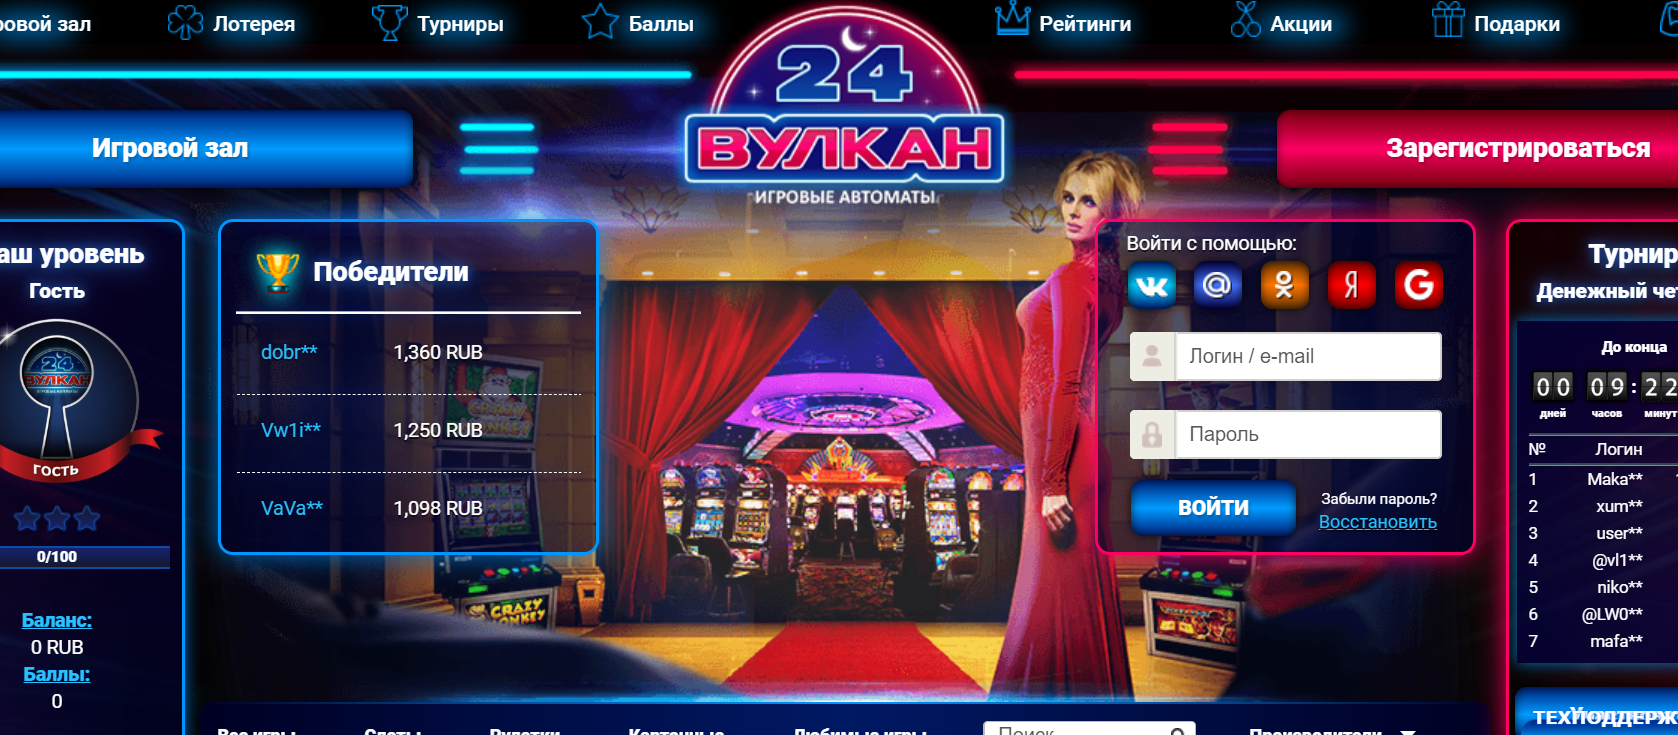 Азартные онлайн развлечения в казино Вулкан 24